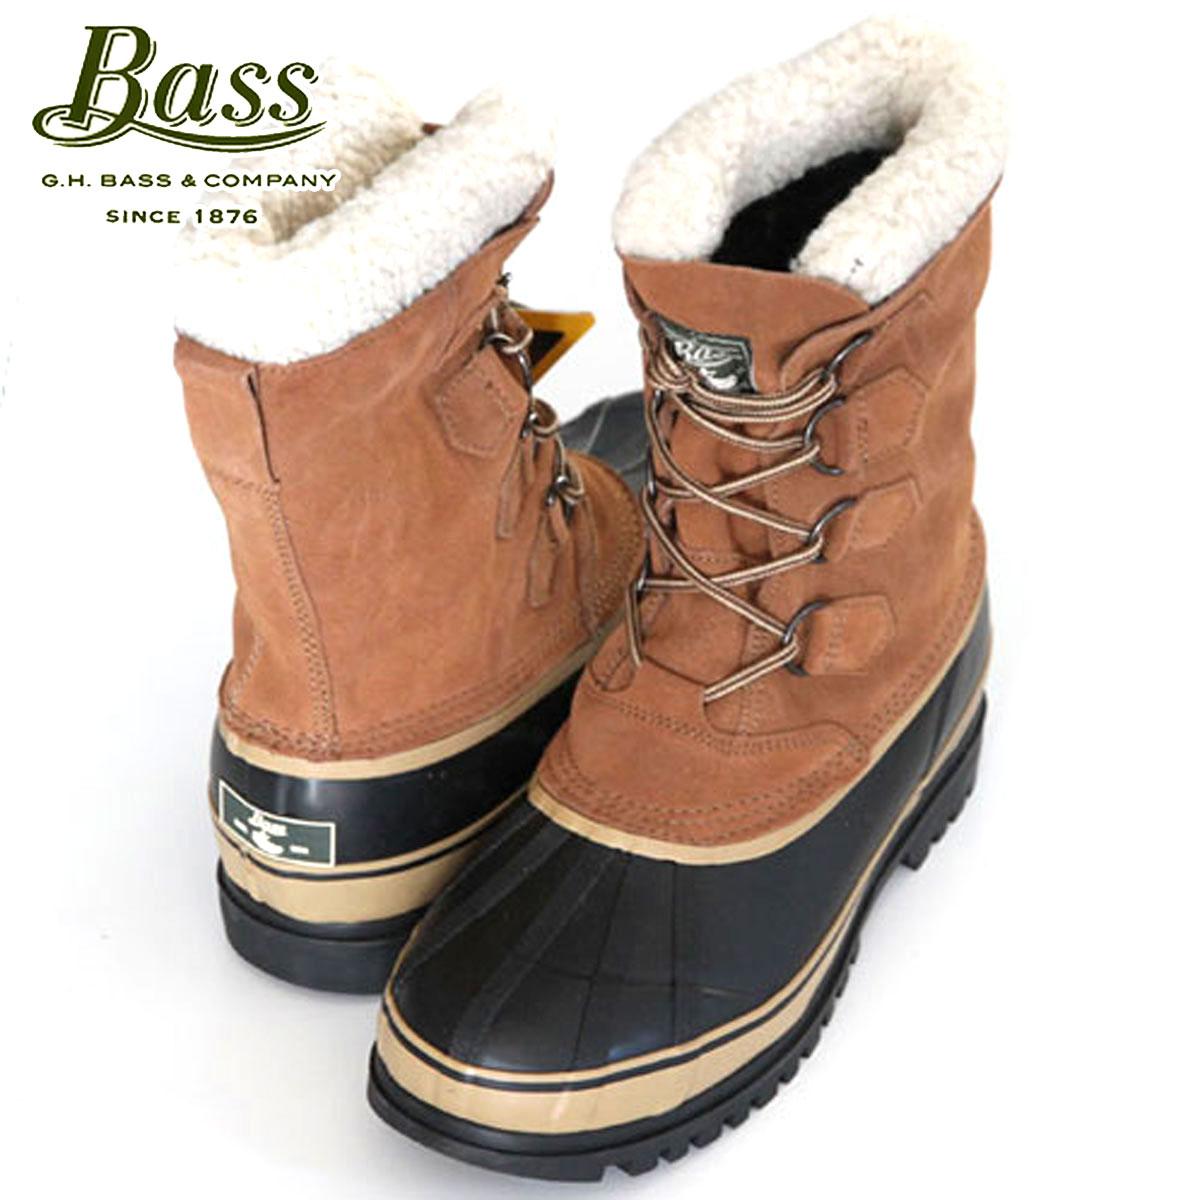 バス G.H.BASS 正規品 メンズ ビーンブーツ Bean Boots SUSQUATCH 2105-261 BROWN D25S35